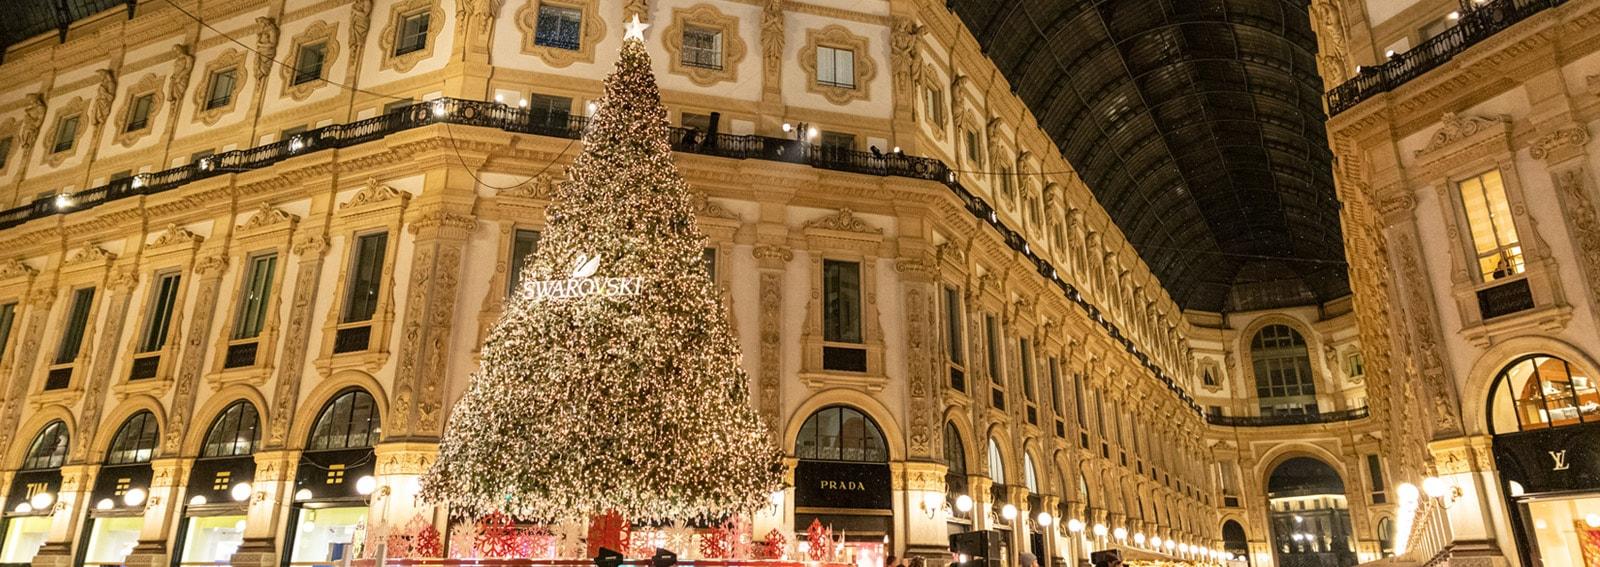 Swarovski illumina Milano con il suo sfavillante albero di Natale